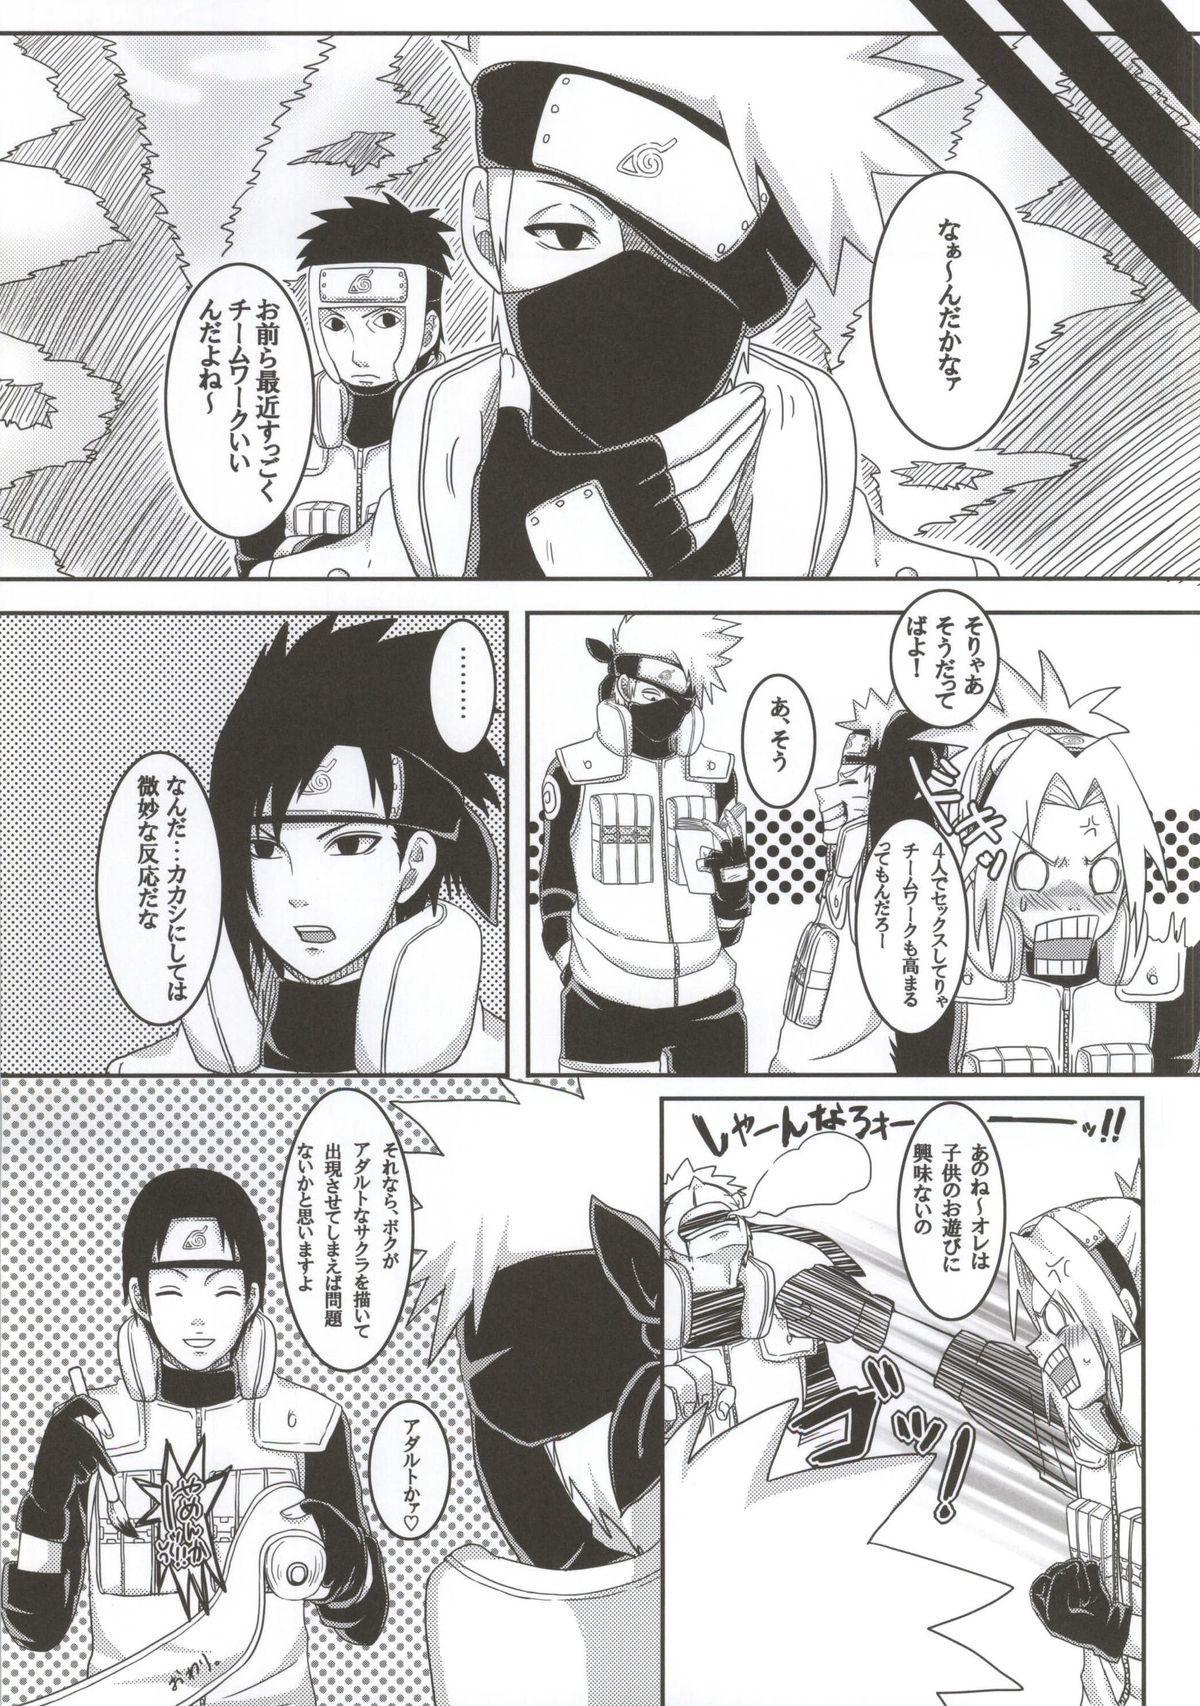 Shinobi no Kokoroe 26